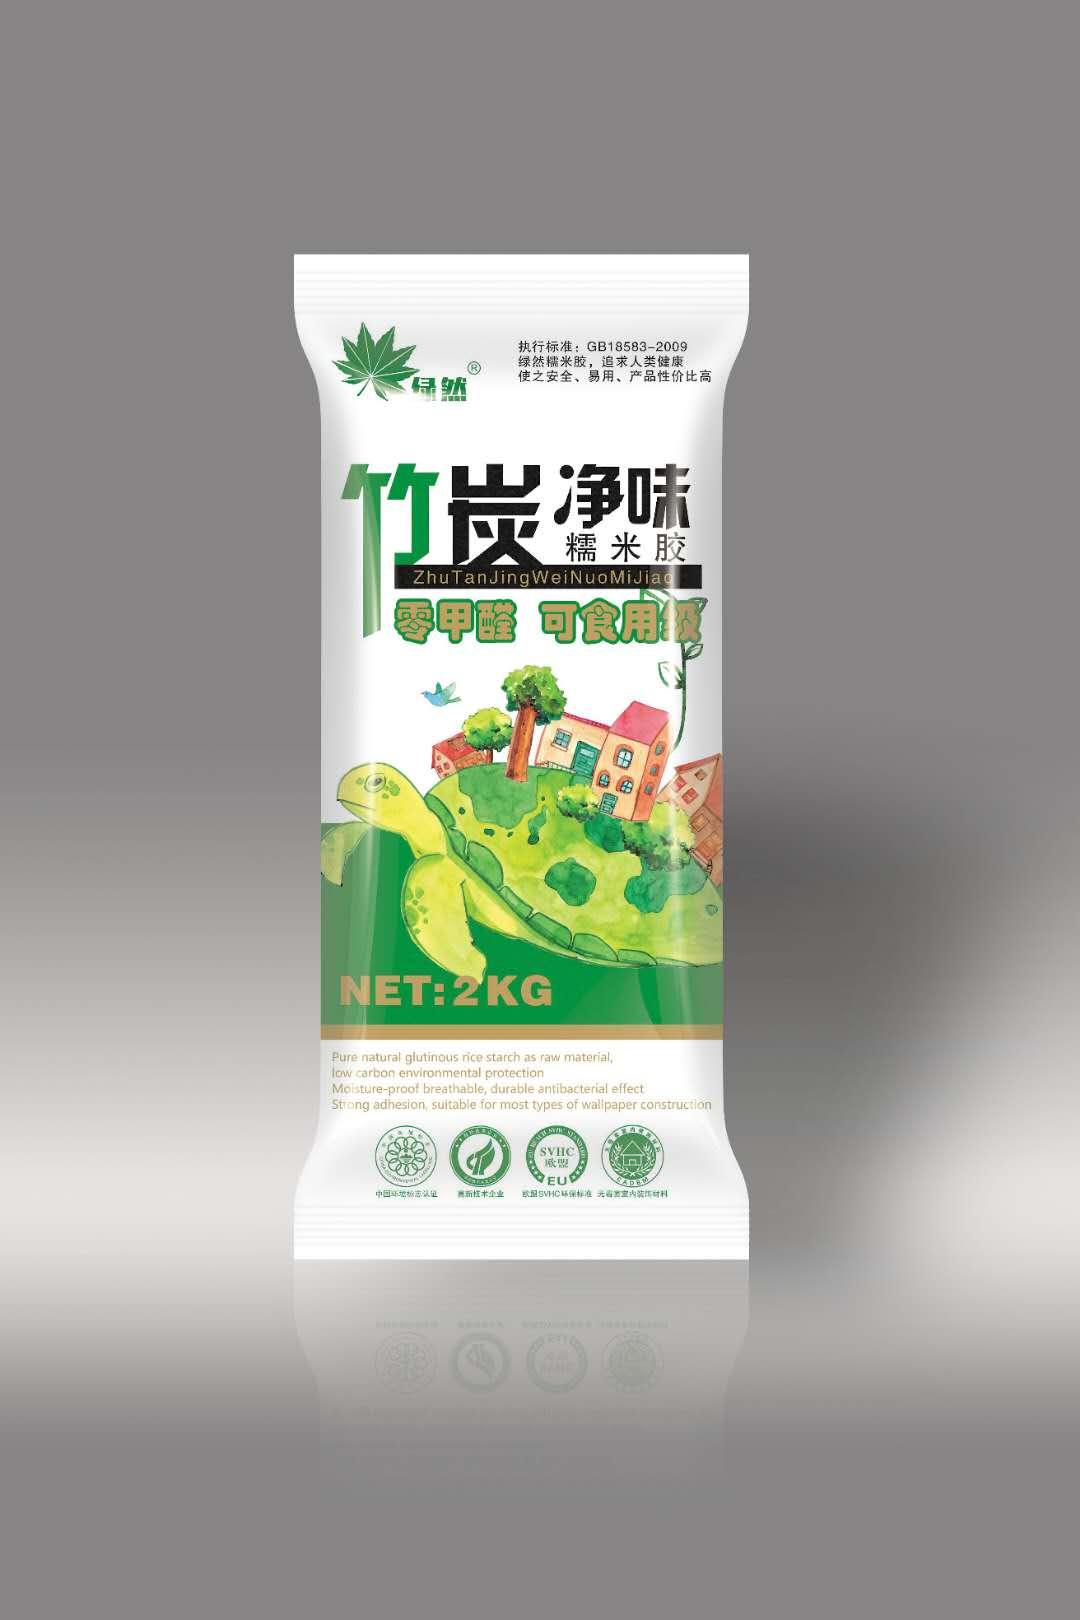 绿然糯米胶|糯米胶-四川博雅瑞恩科技有限公司